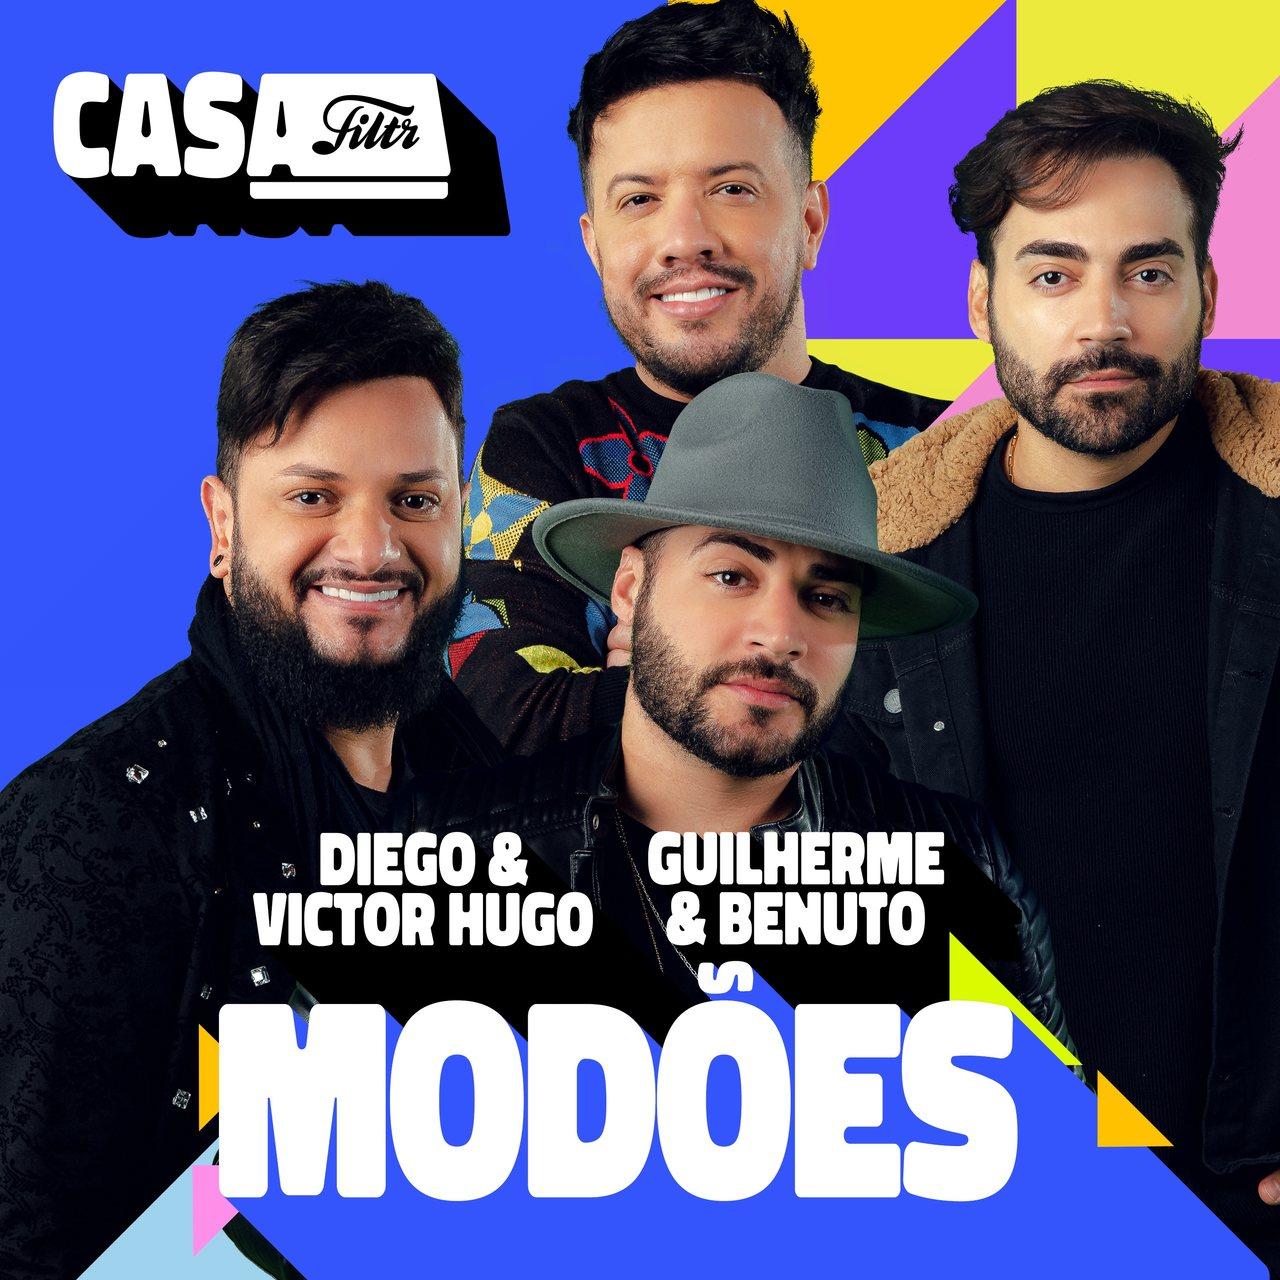 """Diego & Victor Hugo e Guilherme & Benuto lançam EP """"Modões"""" 42"""